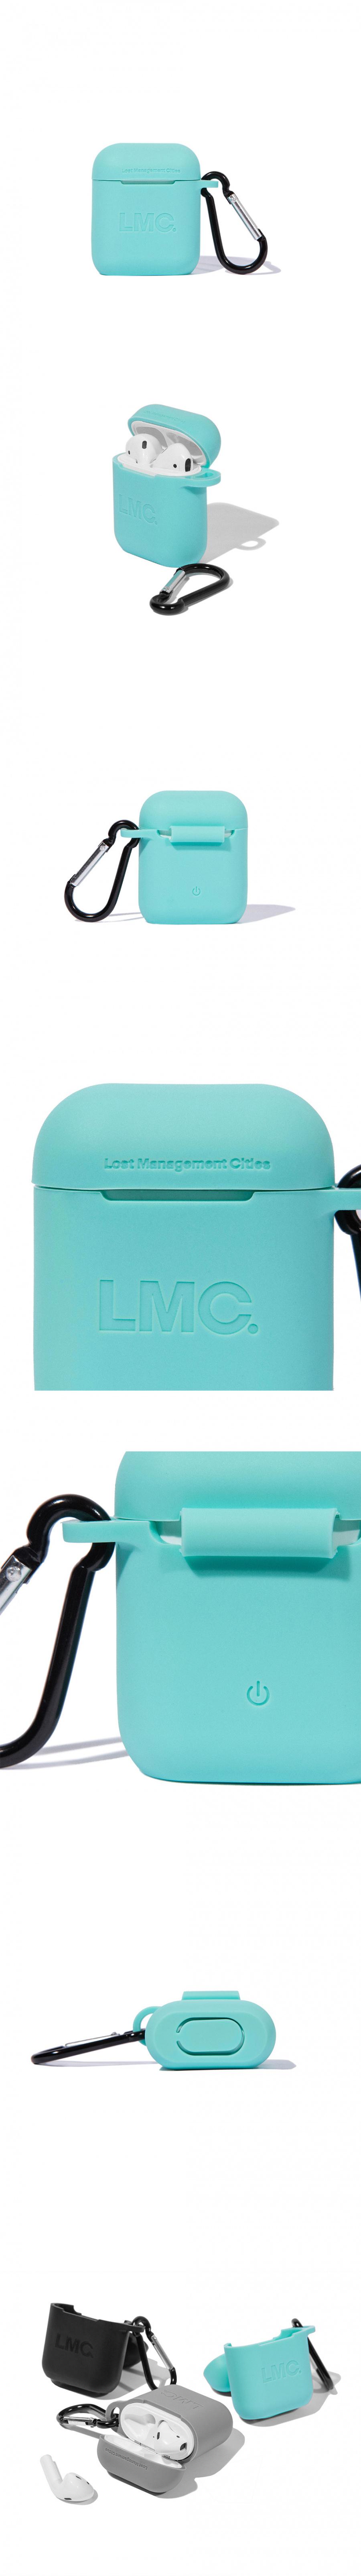 엘엠씨(LMC) LMC AIRPODS CASE mint